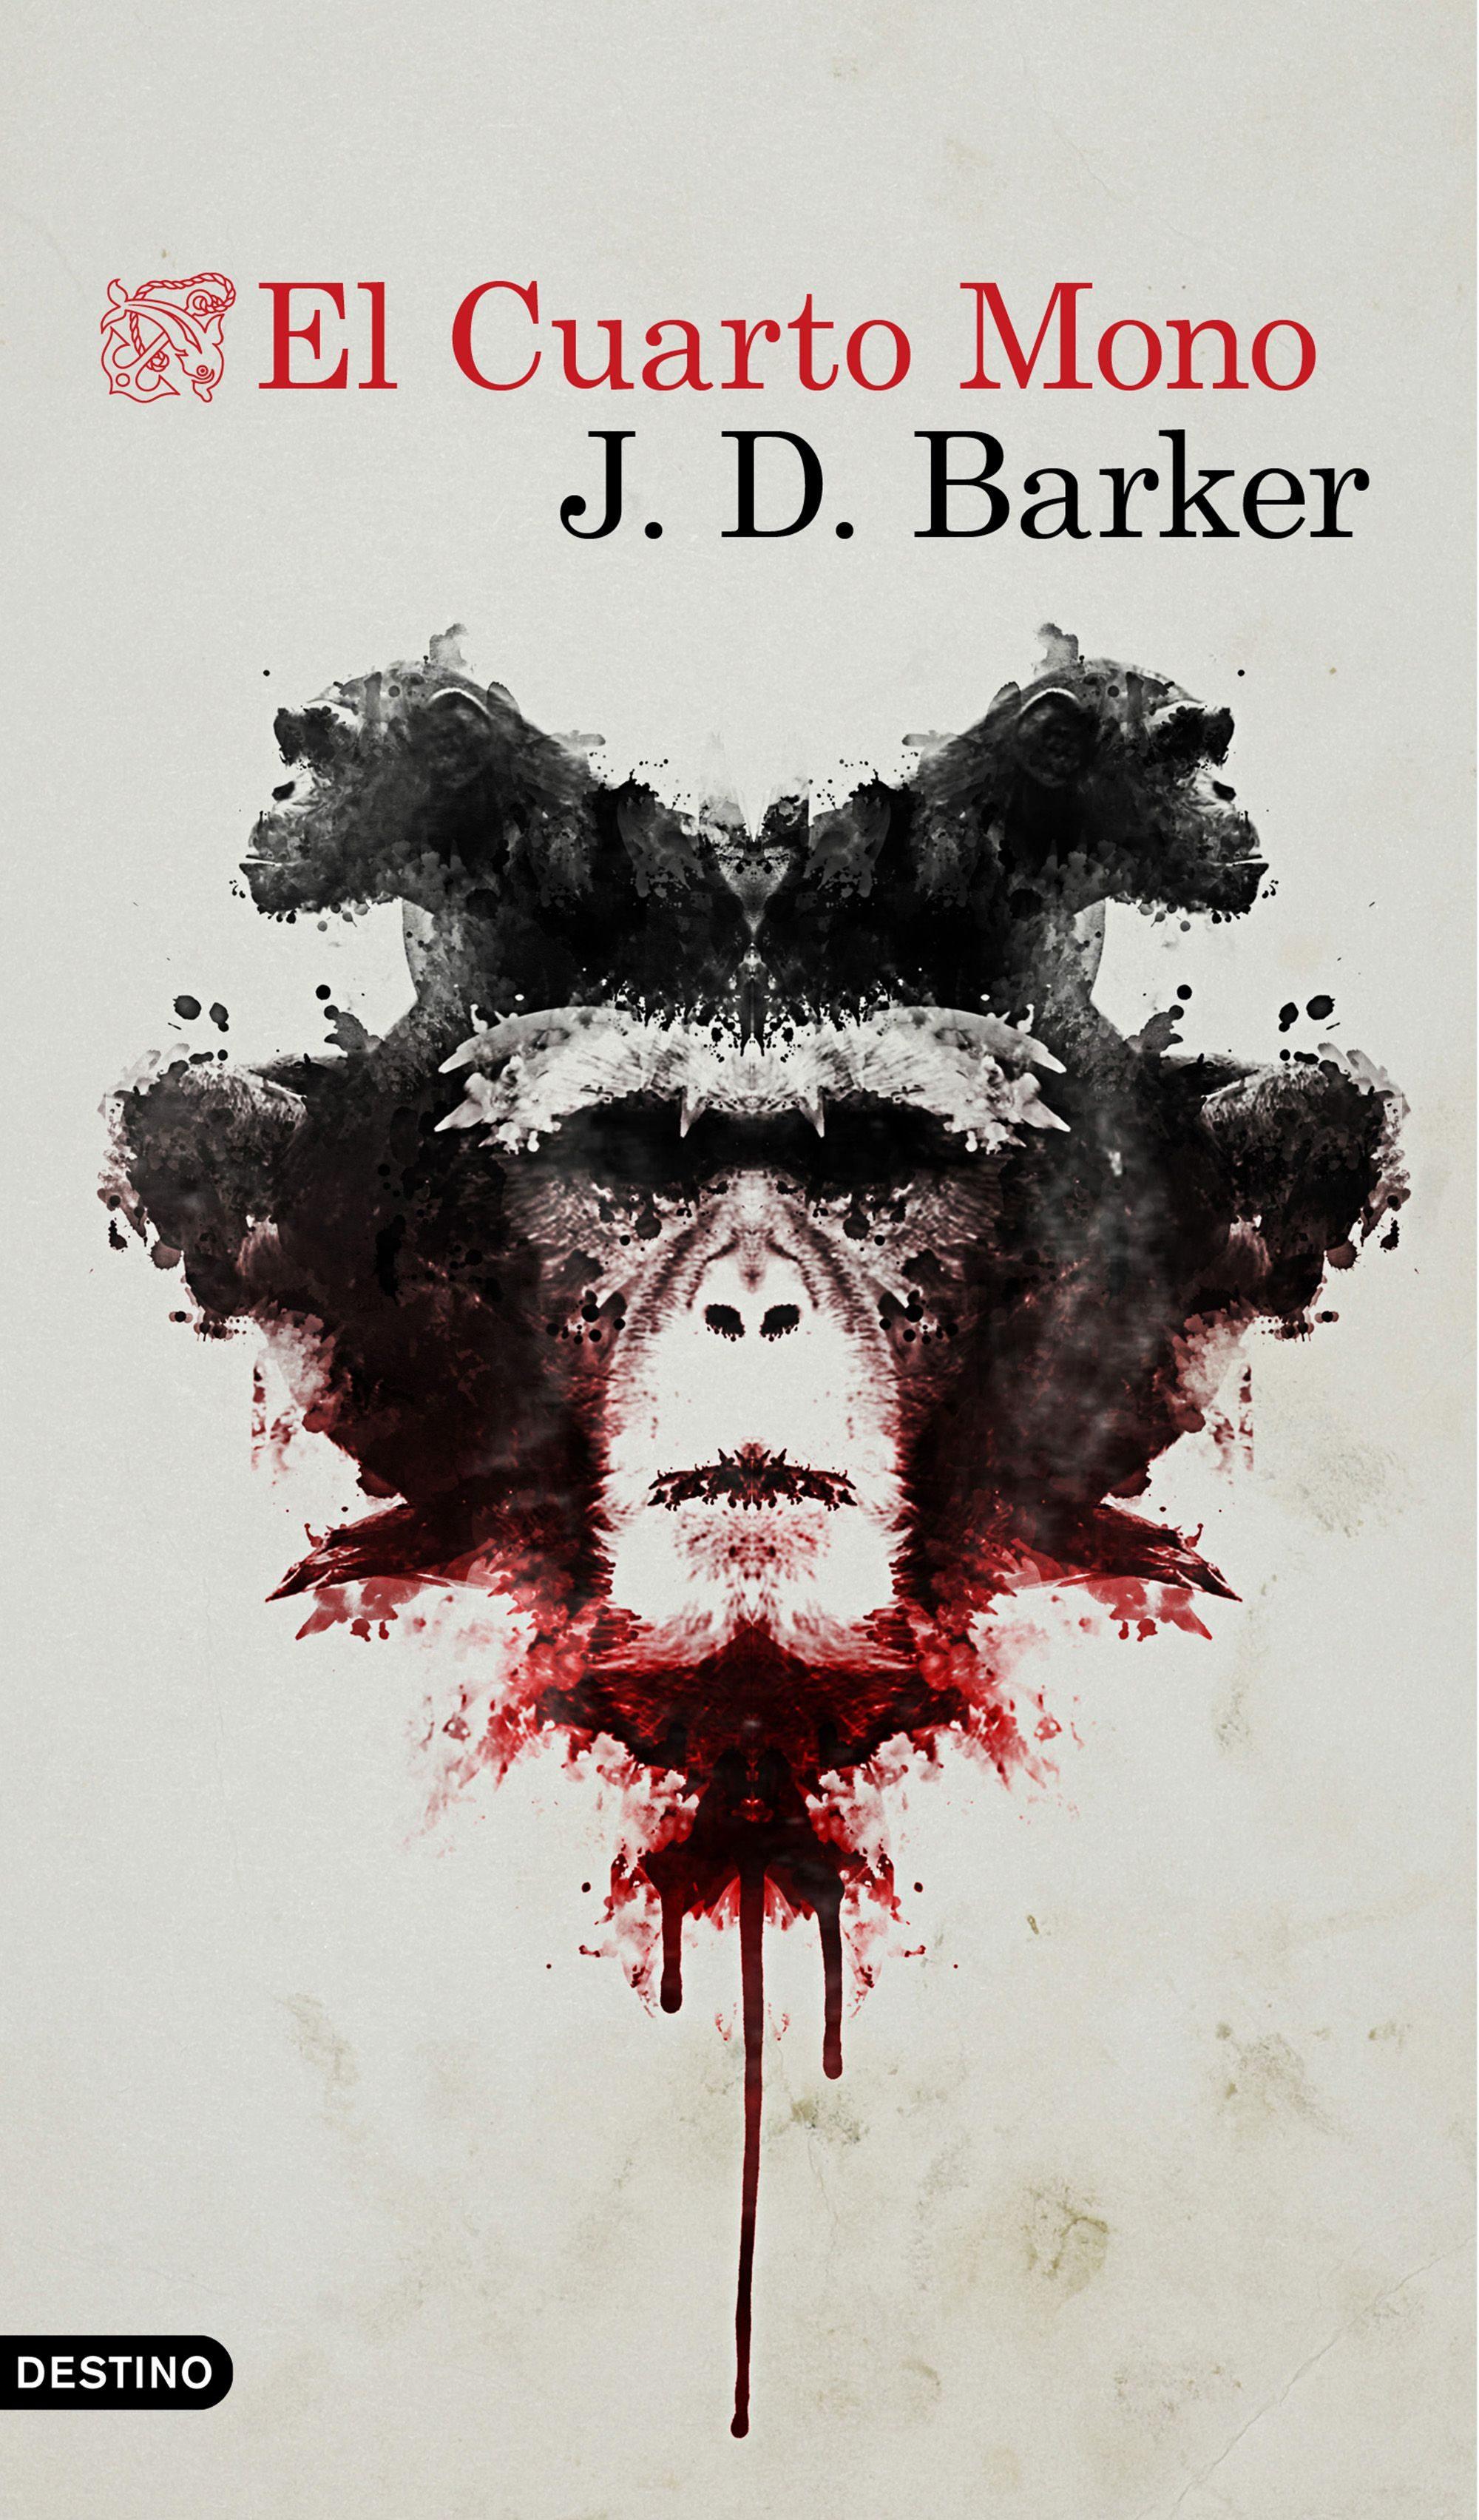 Resultado de imagen de el cuarto mono libro